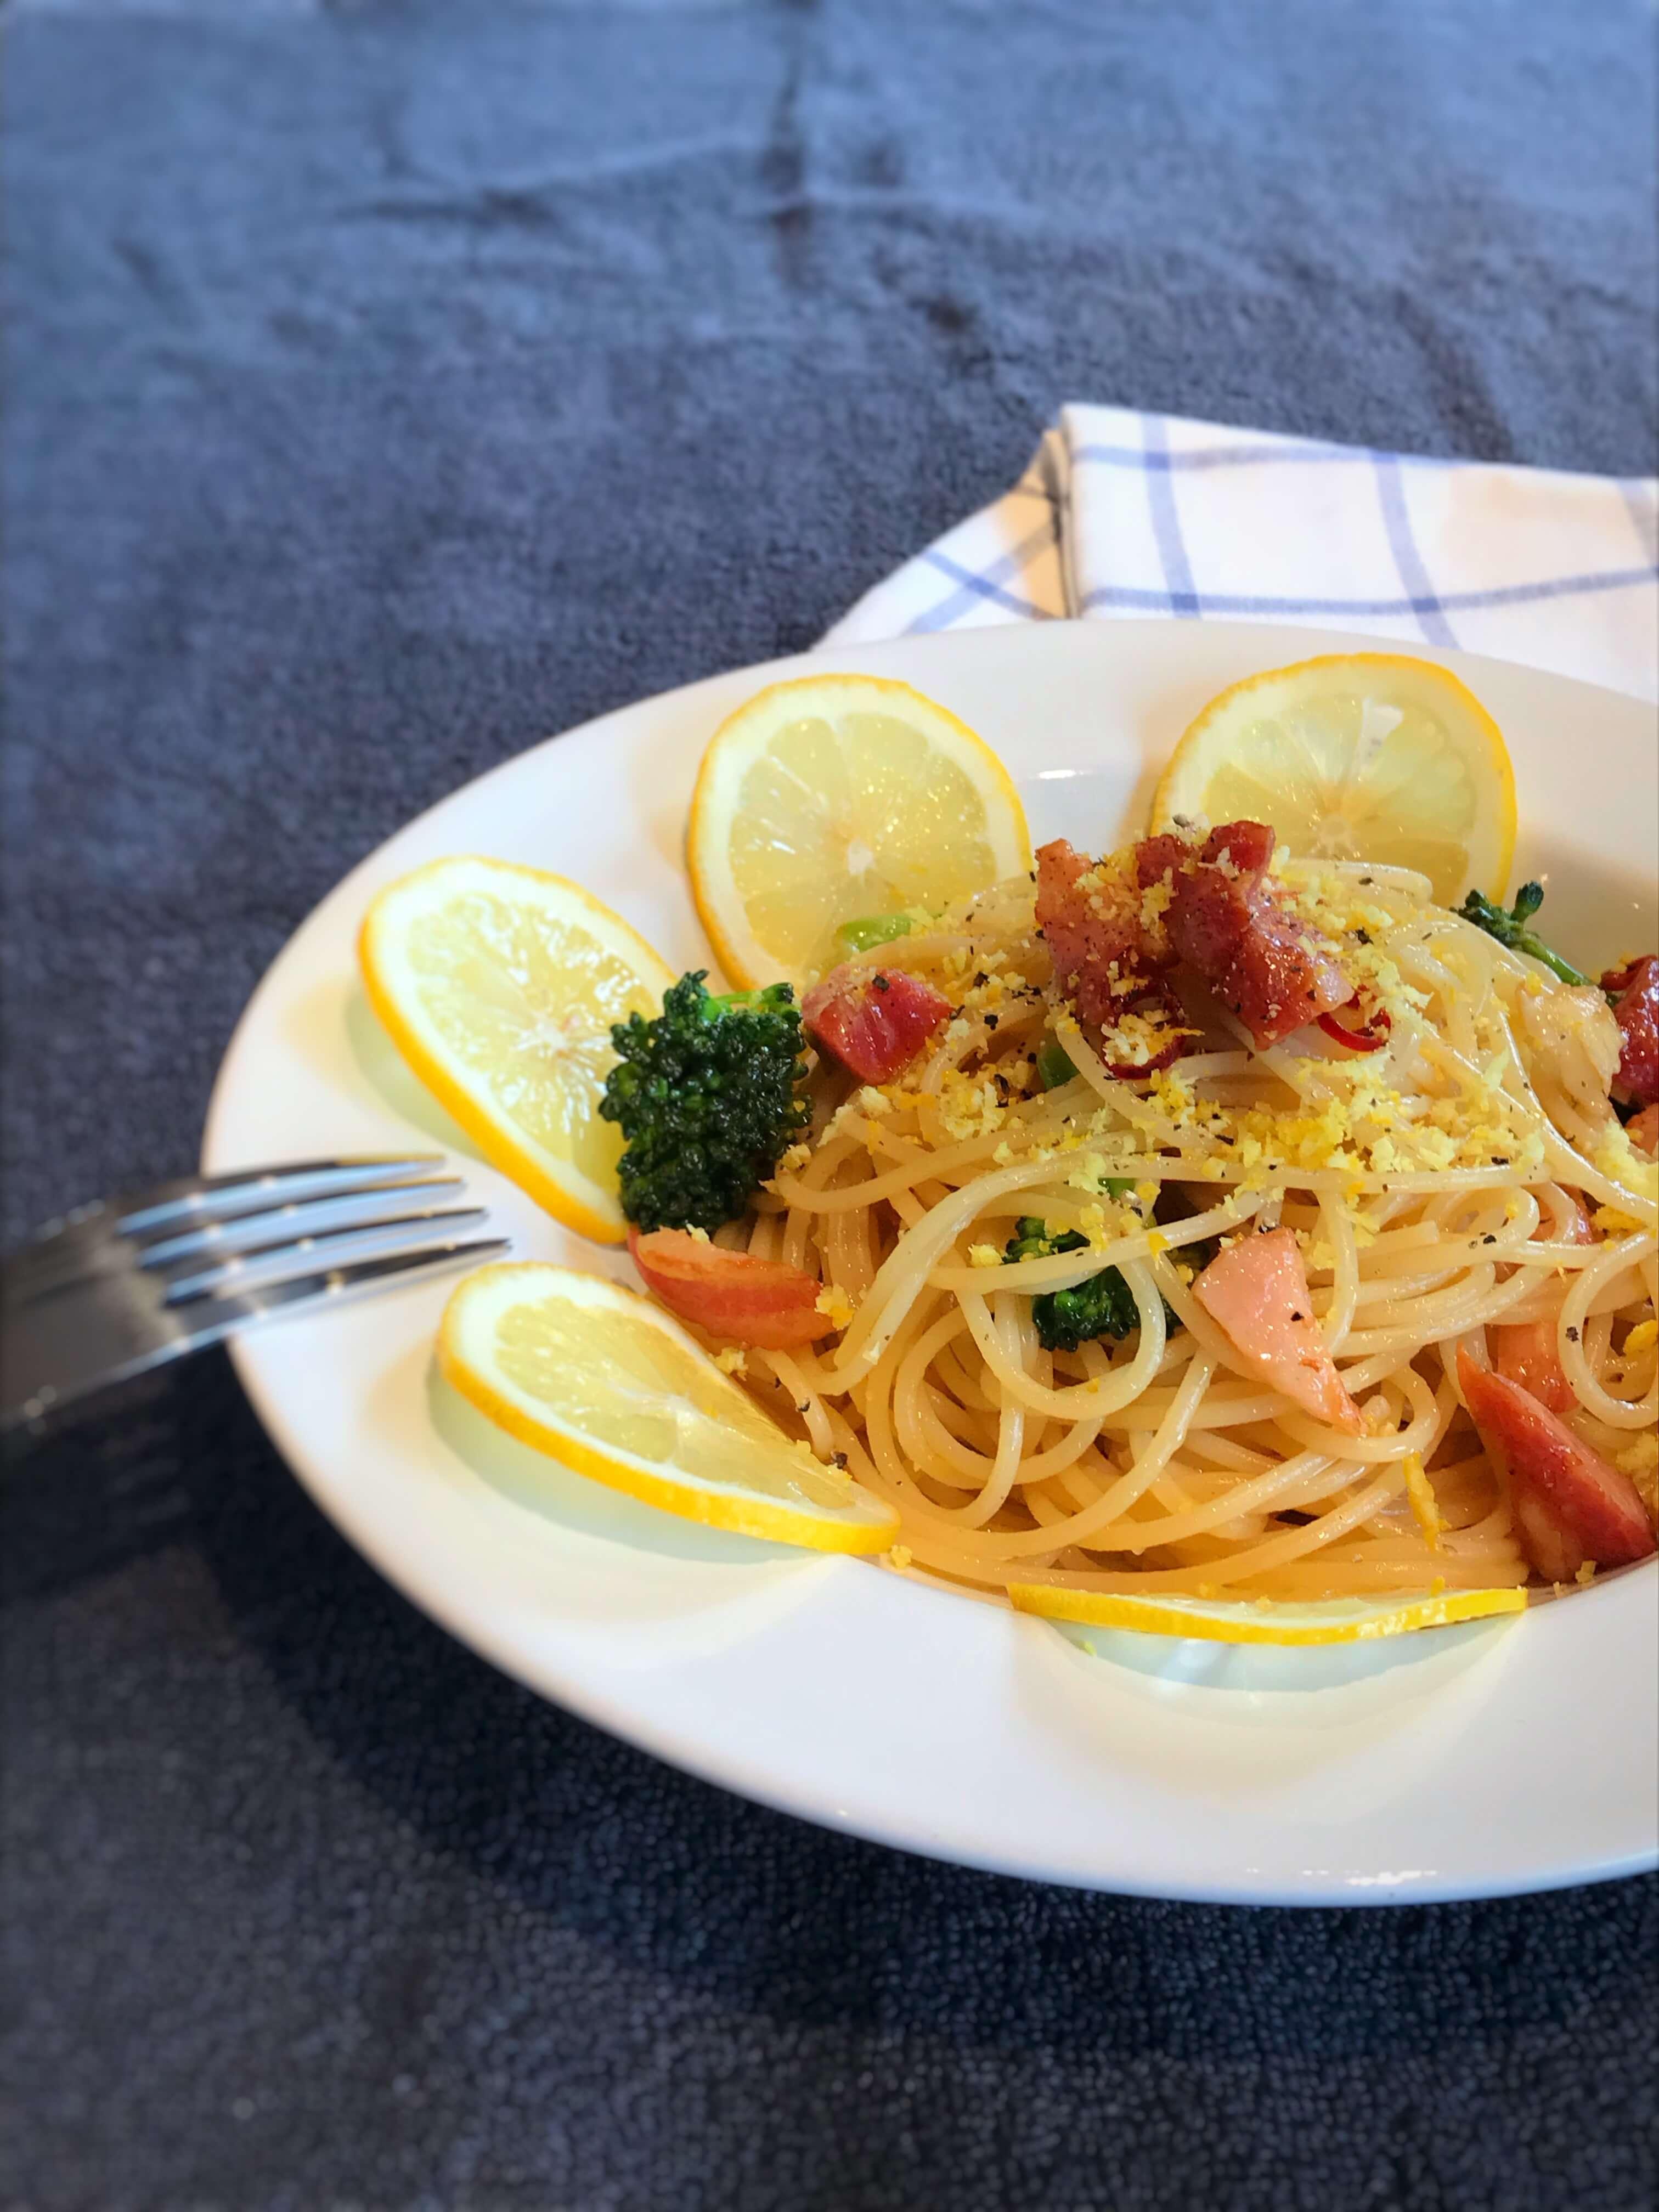 【インスタ映え!】ベーコンとブロッコリーのレモンパスタのレシピ